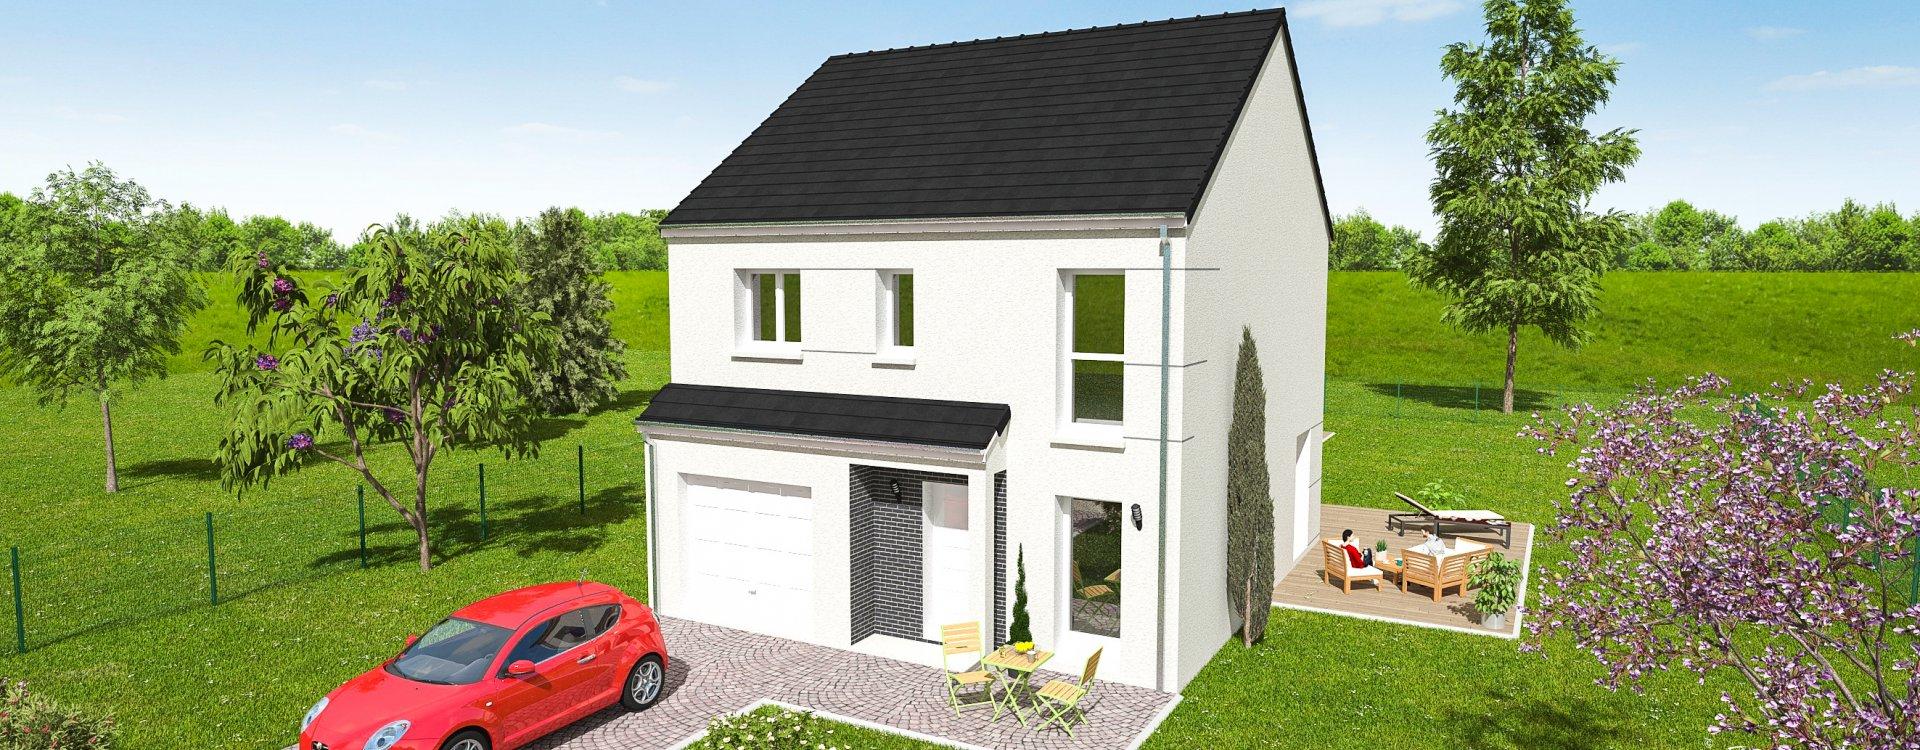 Maisons + Terrains du constructeur EASY HOUSE • 98 m² • LIGNY LE RIBAULT